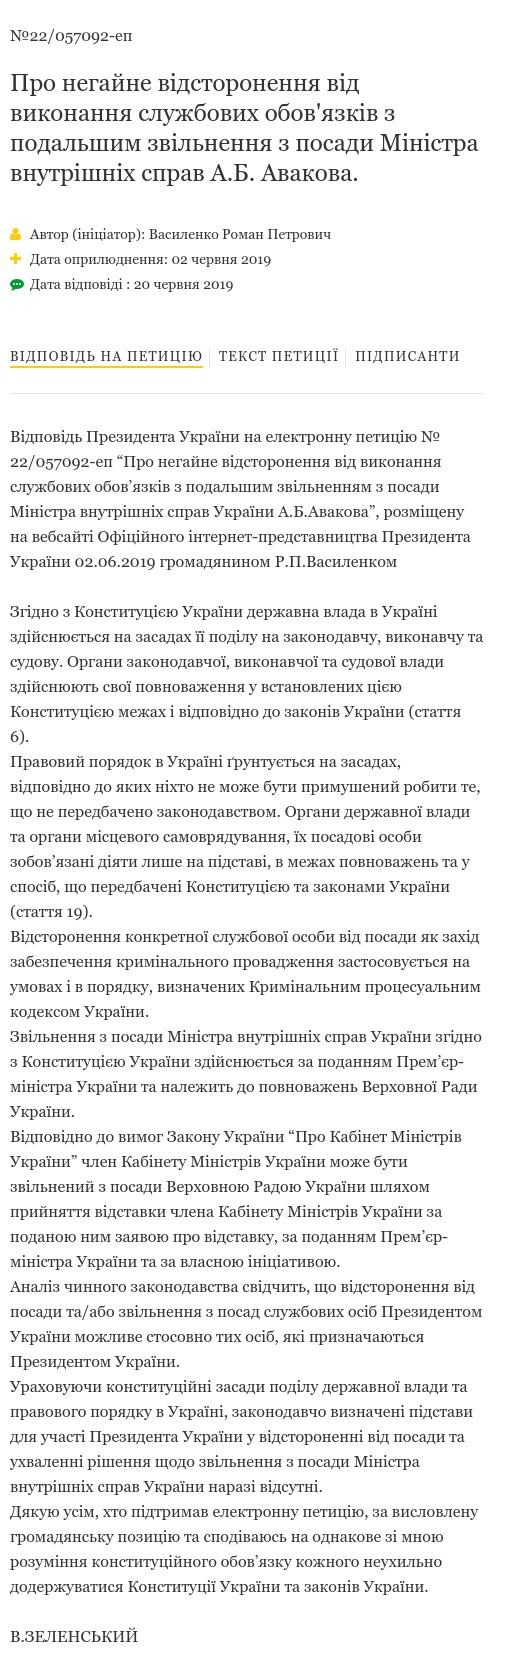 Зеленський відреагував на петицію про відставку Авакова